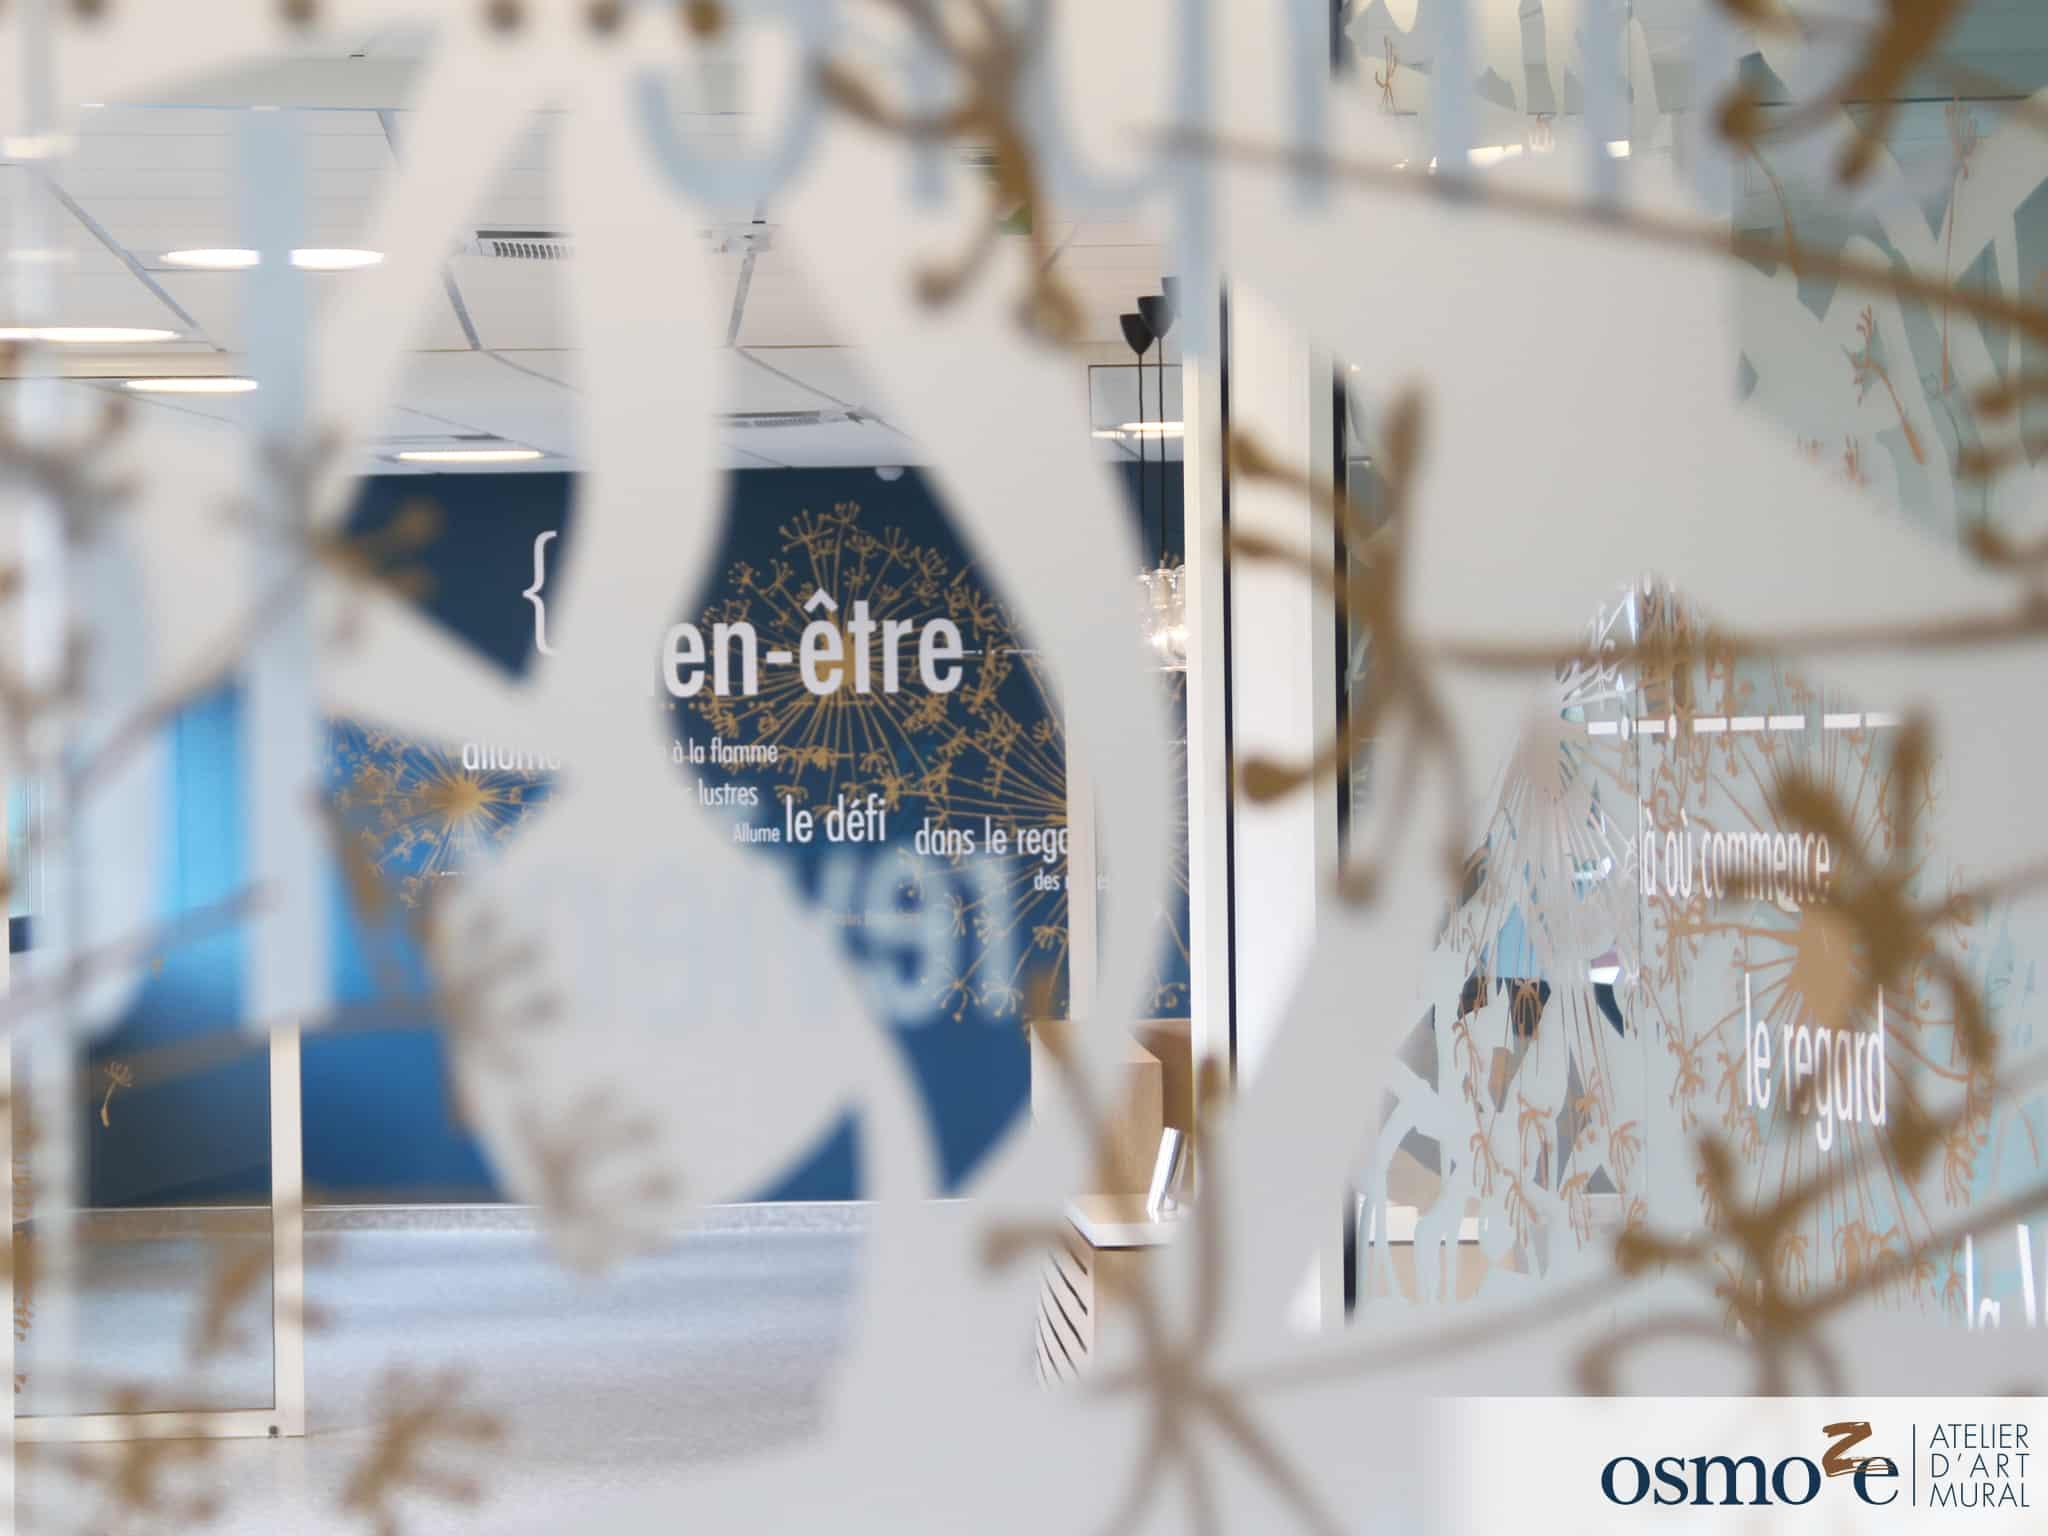 Vitrophanie > Vitrophanie décorative > Vitrophanie extérieur et design > Vitrophanie intérieur> Polyclinique Blois